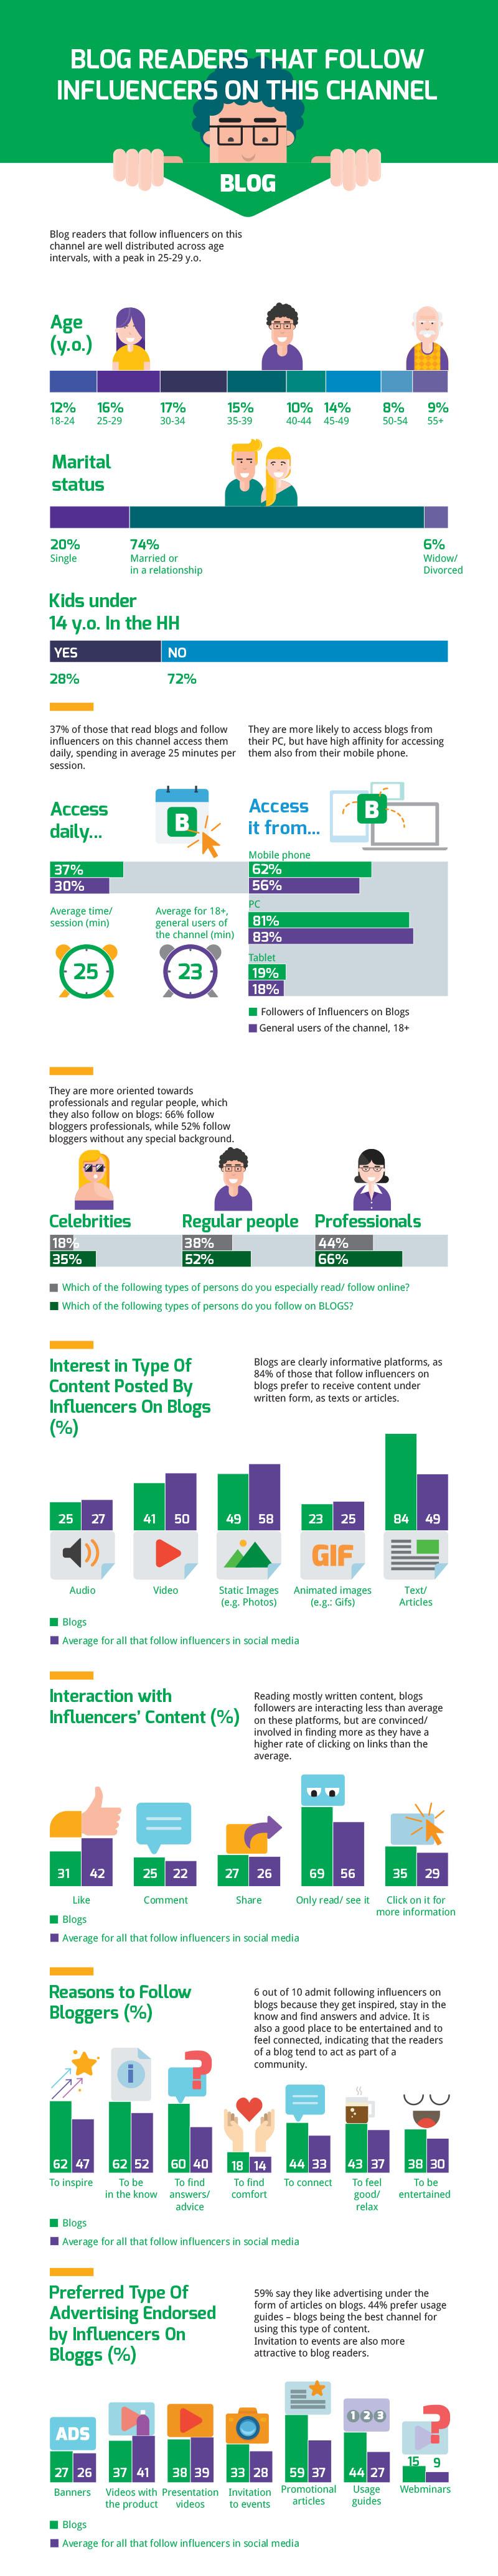 InfluenceMe 2017 - rezultatele studiului despre influencerii din România [infografic] | Cristian ...